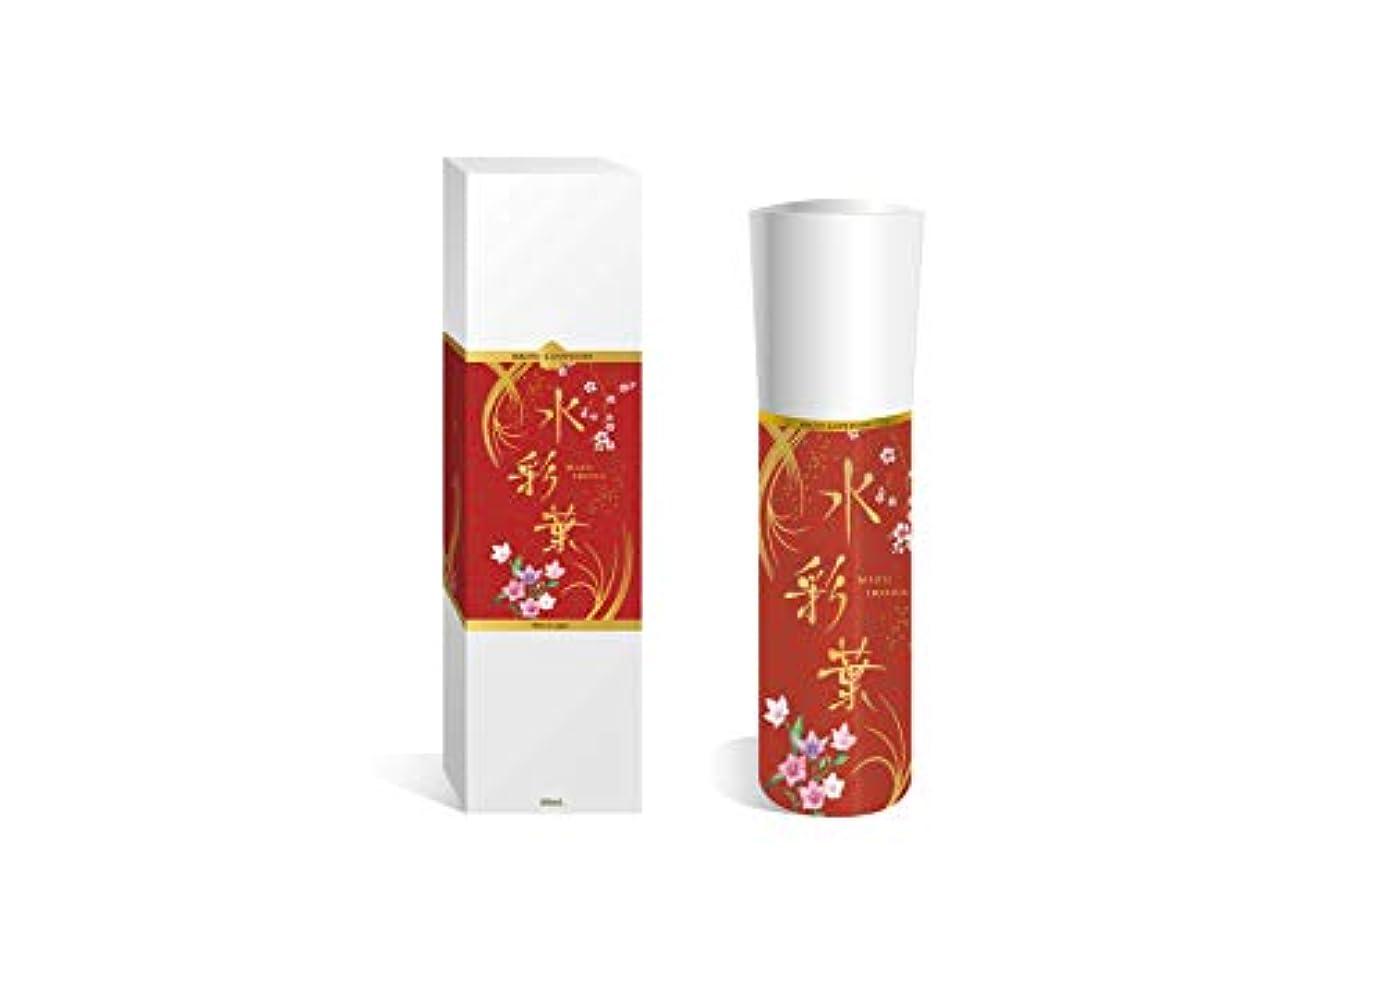 帝国内向きおしゃれな水彩葉 化粧水 (ボトル色:赤) 【 高保湿 防腐剤フリー トレハロース ヒアルロン酸 】